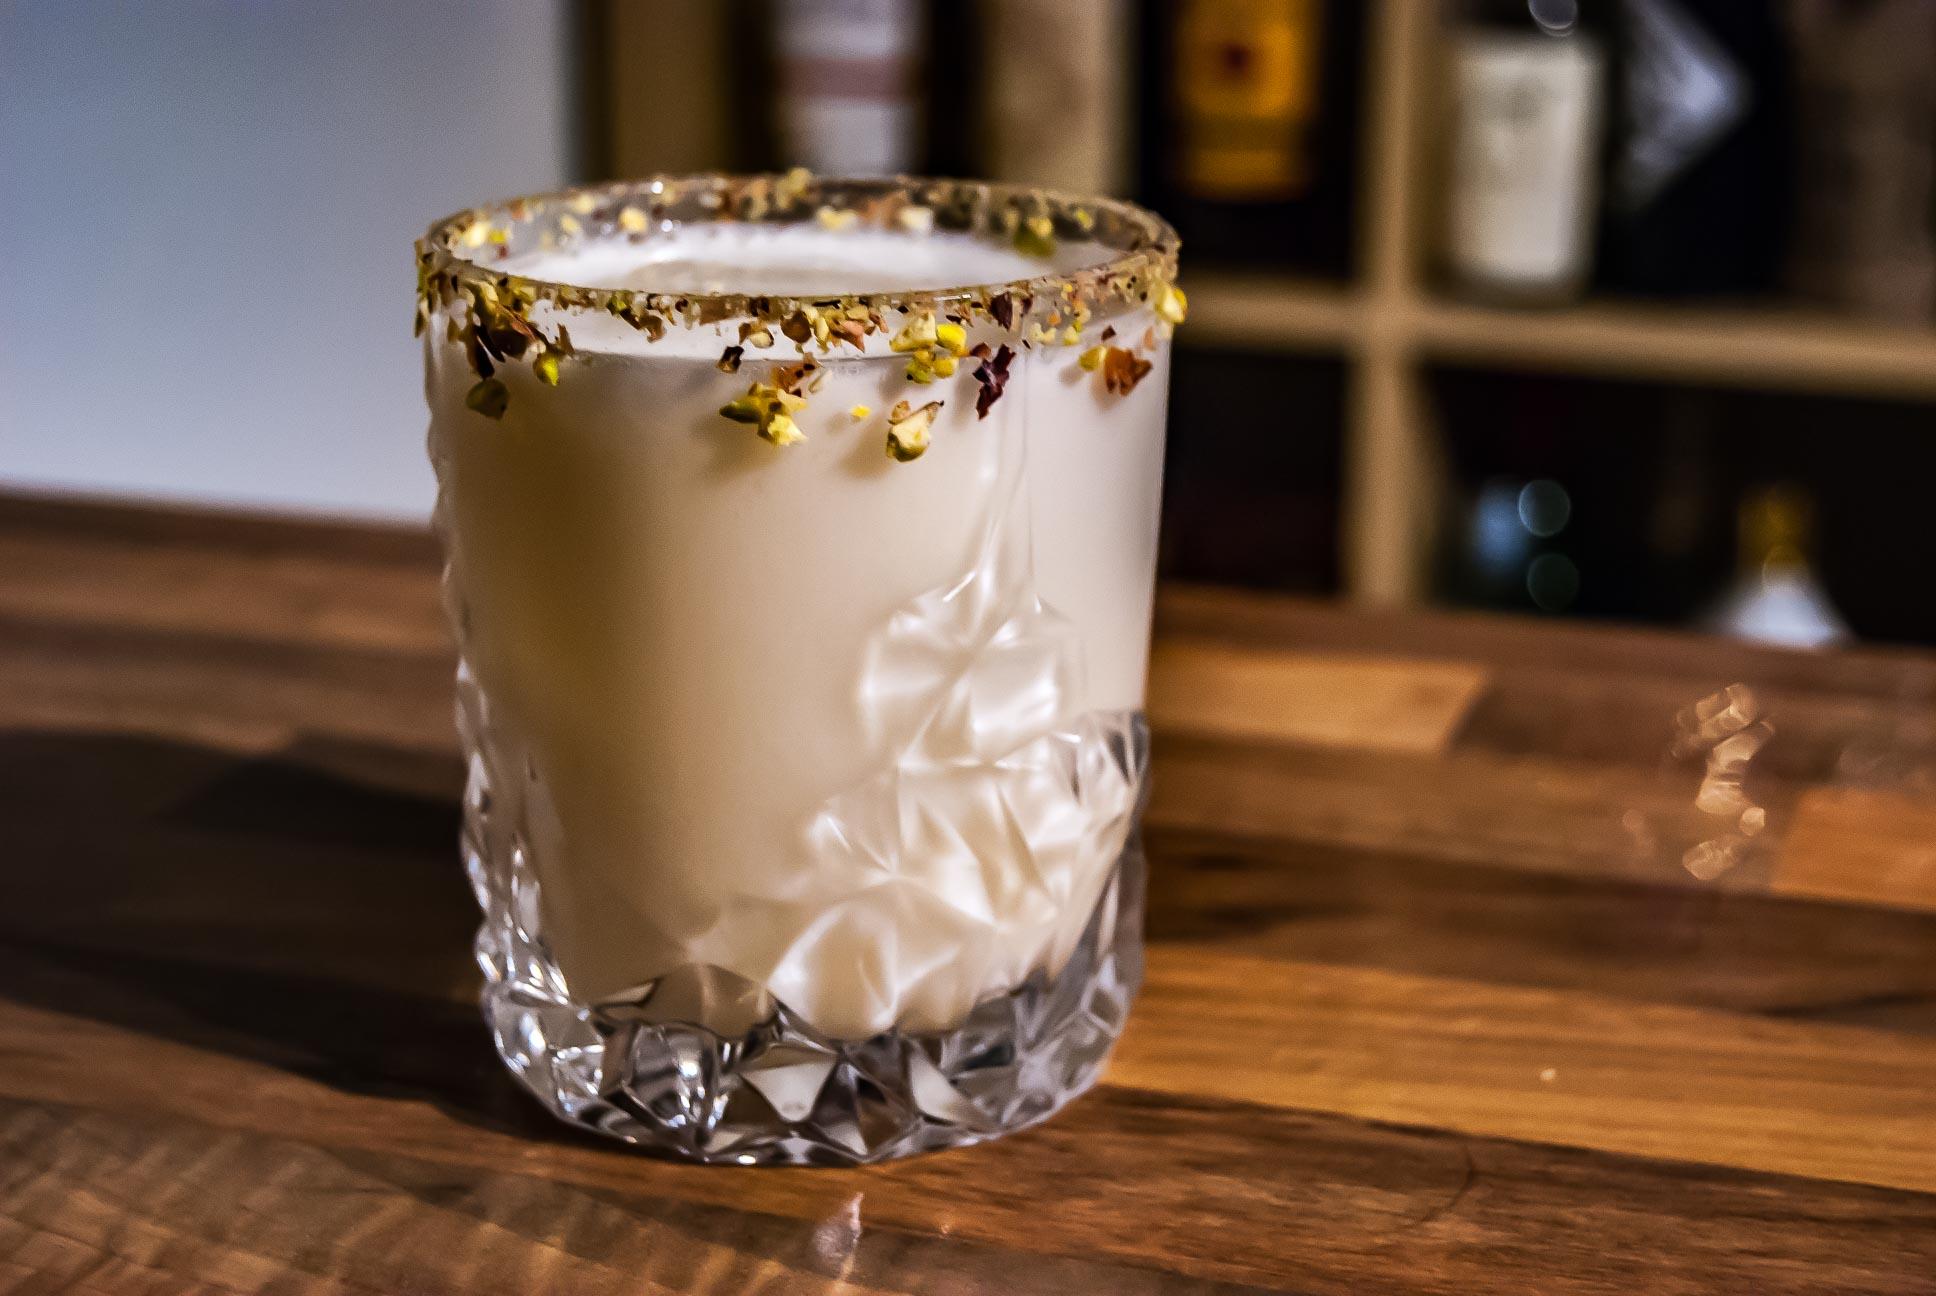 Eine Buttermilk Margarita im Old Fashioned-Glas mit einem Rim aus Pistazien.